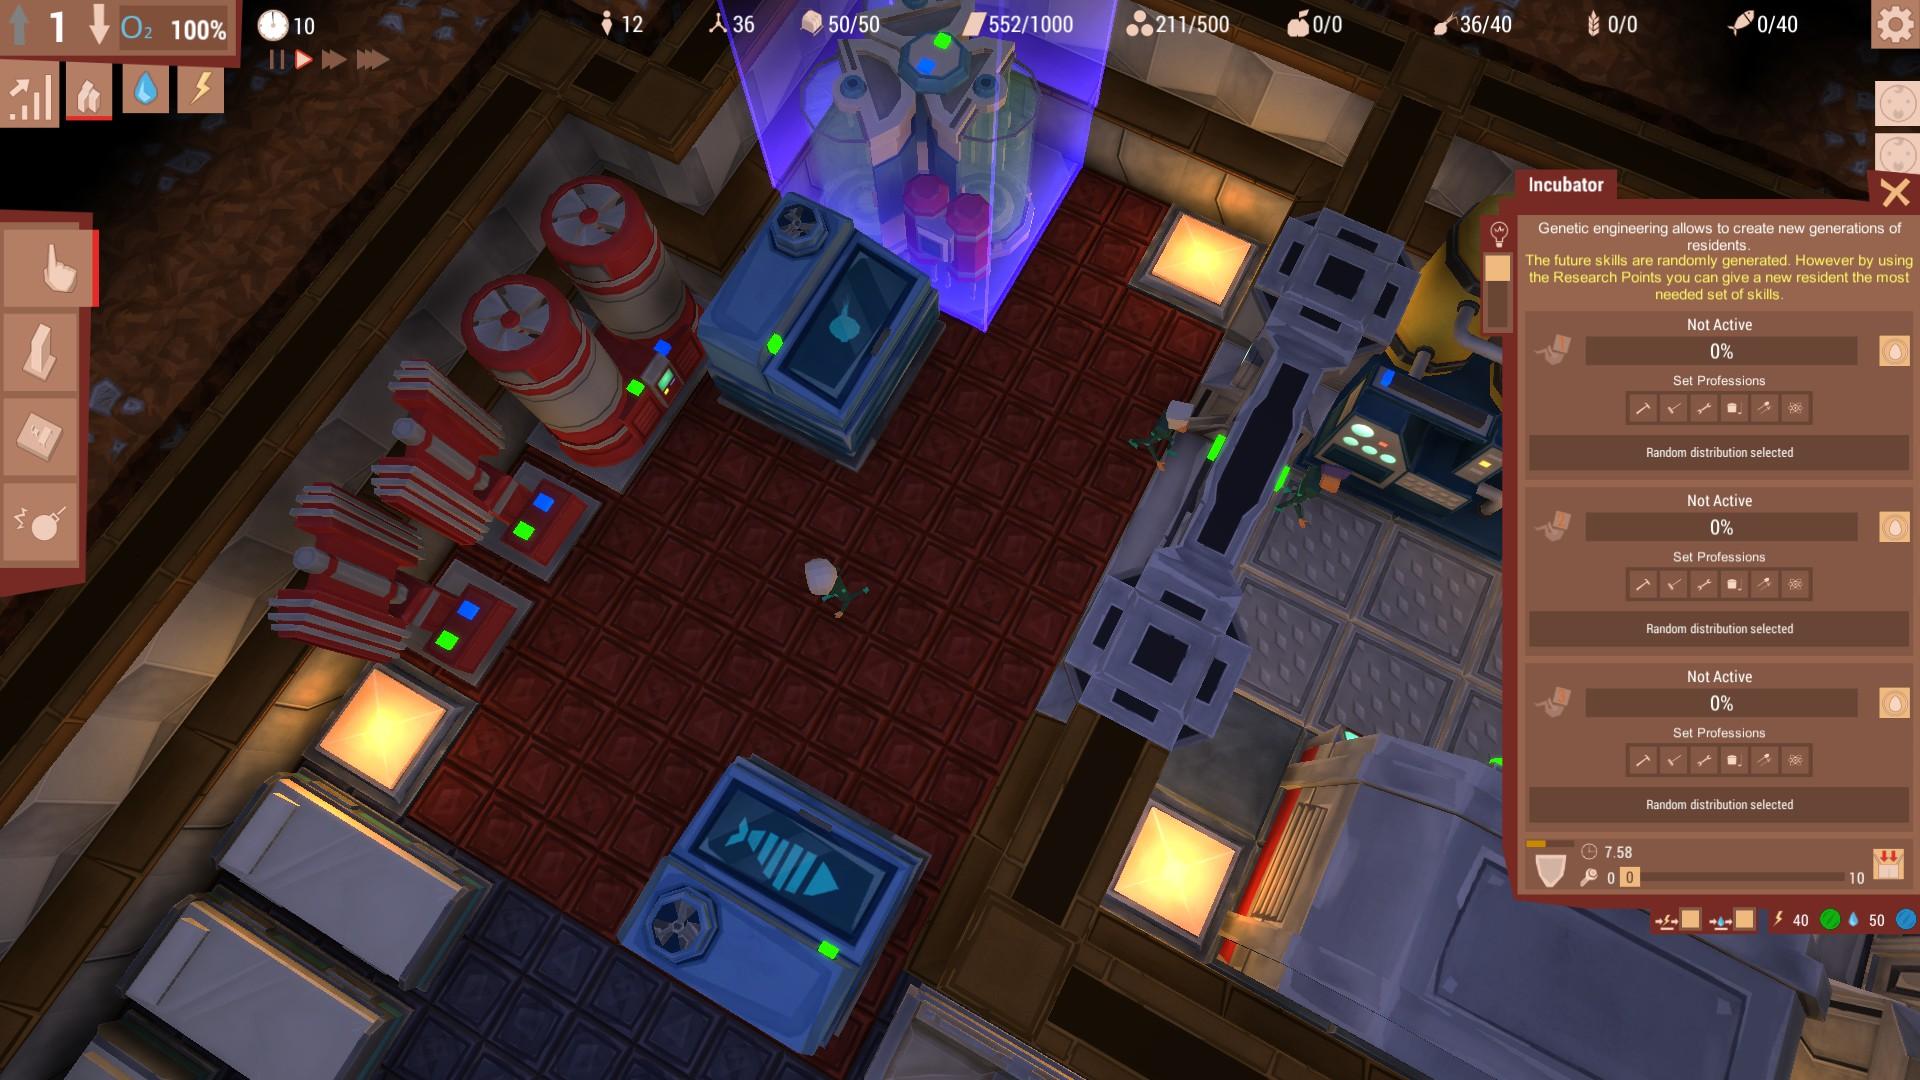 Life in Bunker Screenshot 1